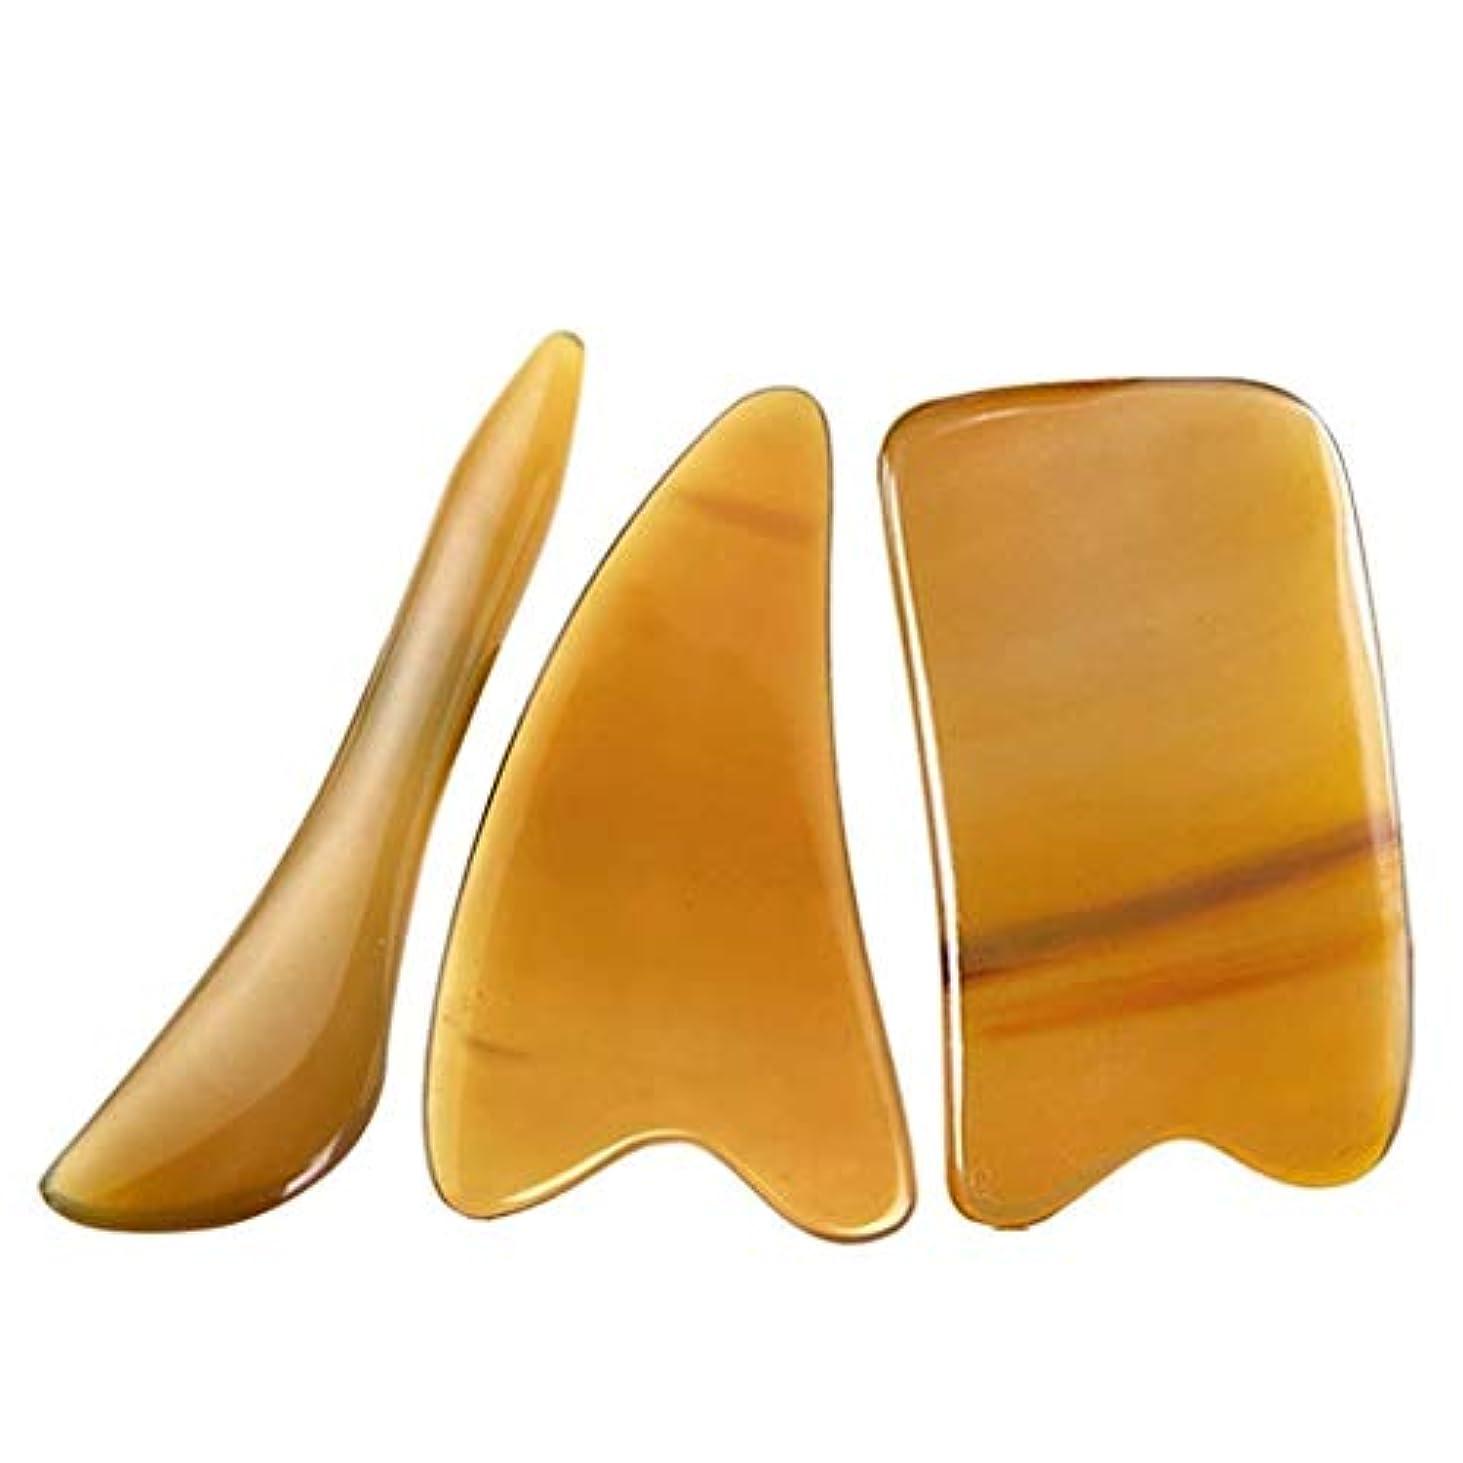 降伏バンクスクリューIASTMグラストン理学療法ツール-ハンドメイドガシャボード-顔と体のSPA鍼治療のトリガーポイント治療用